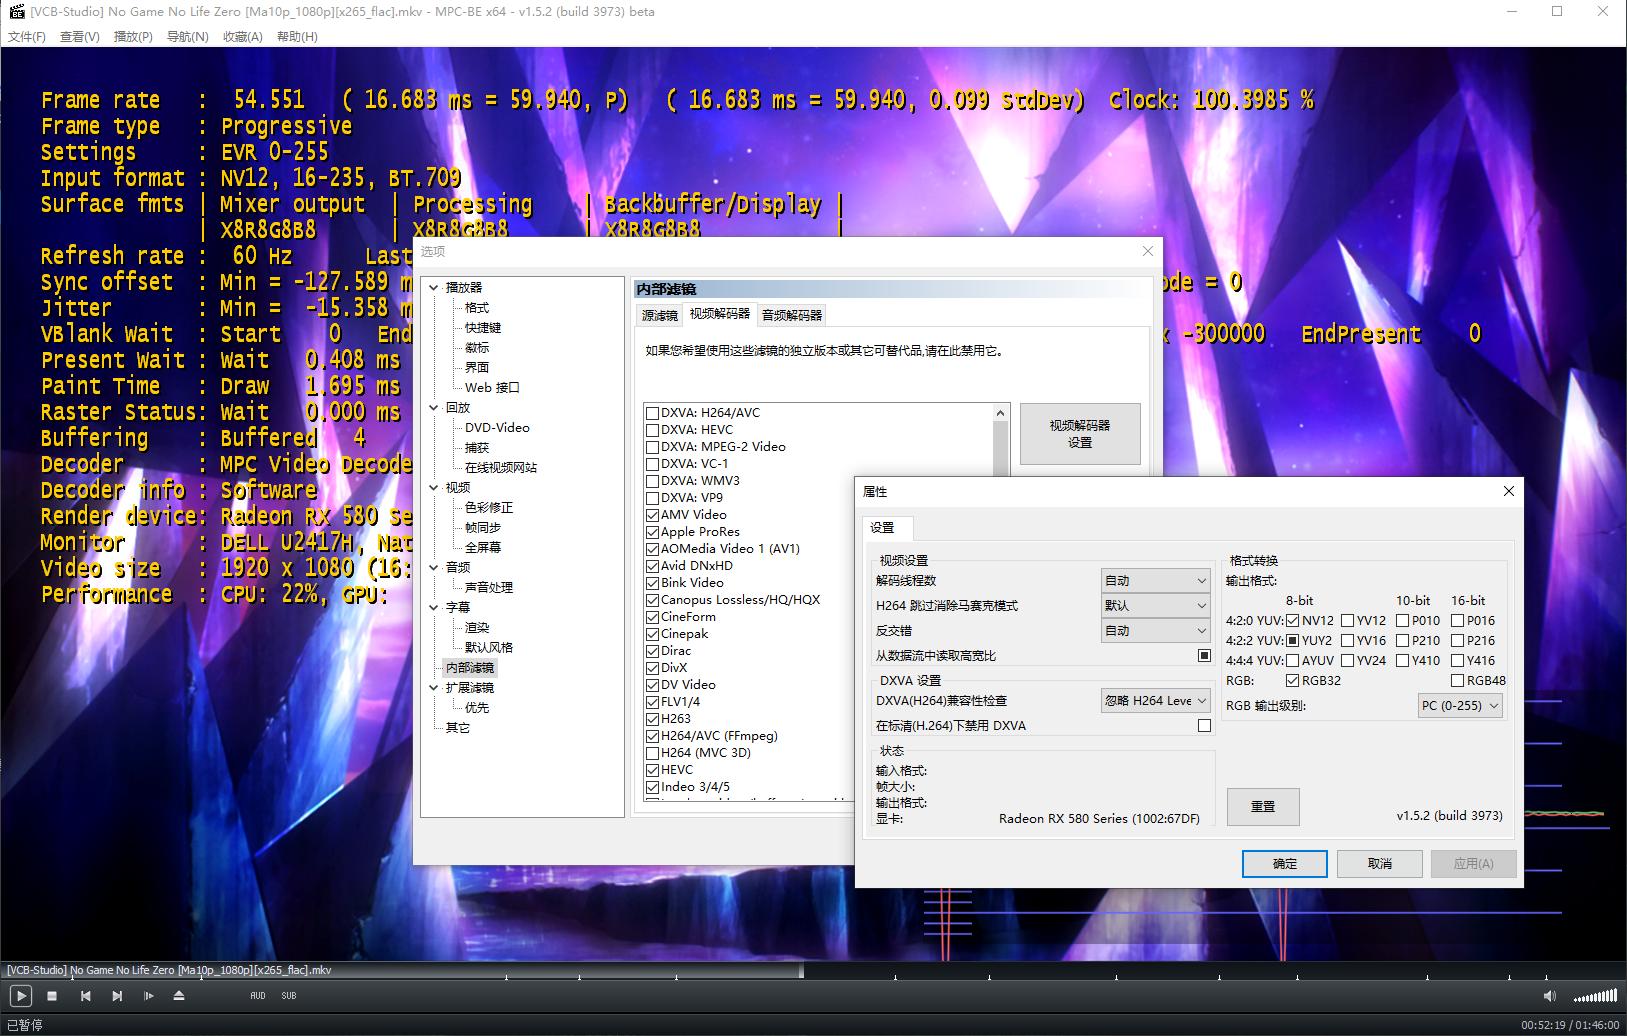 使用BlueskyFRC开启AMD Fluid Motion配合MPC-BE对视频进行补帧